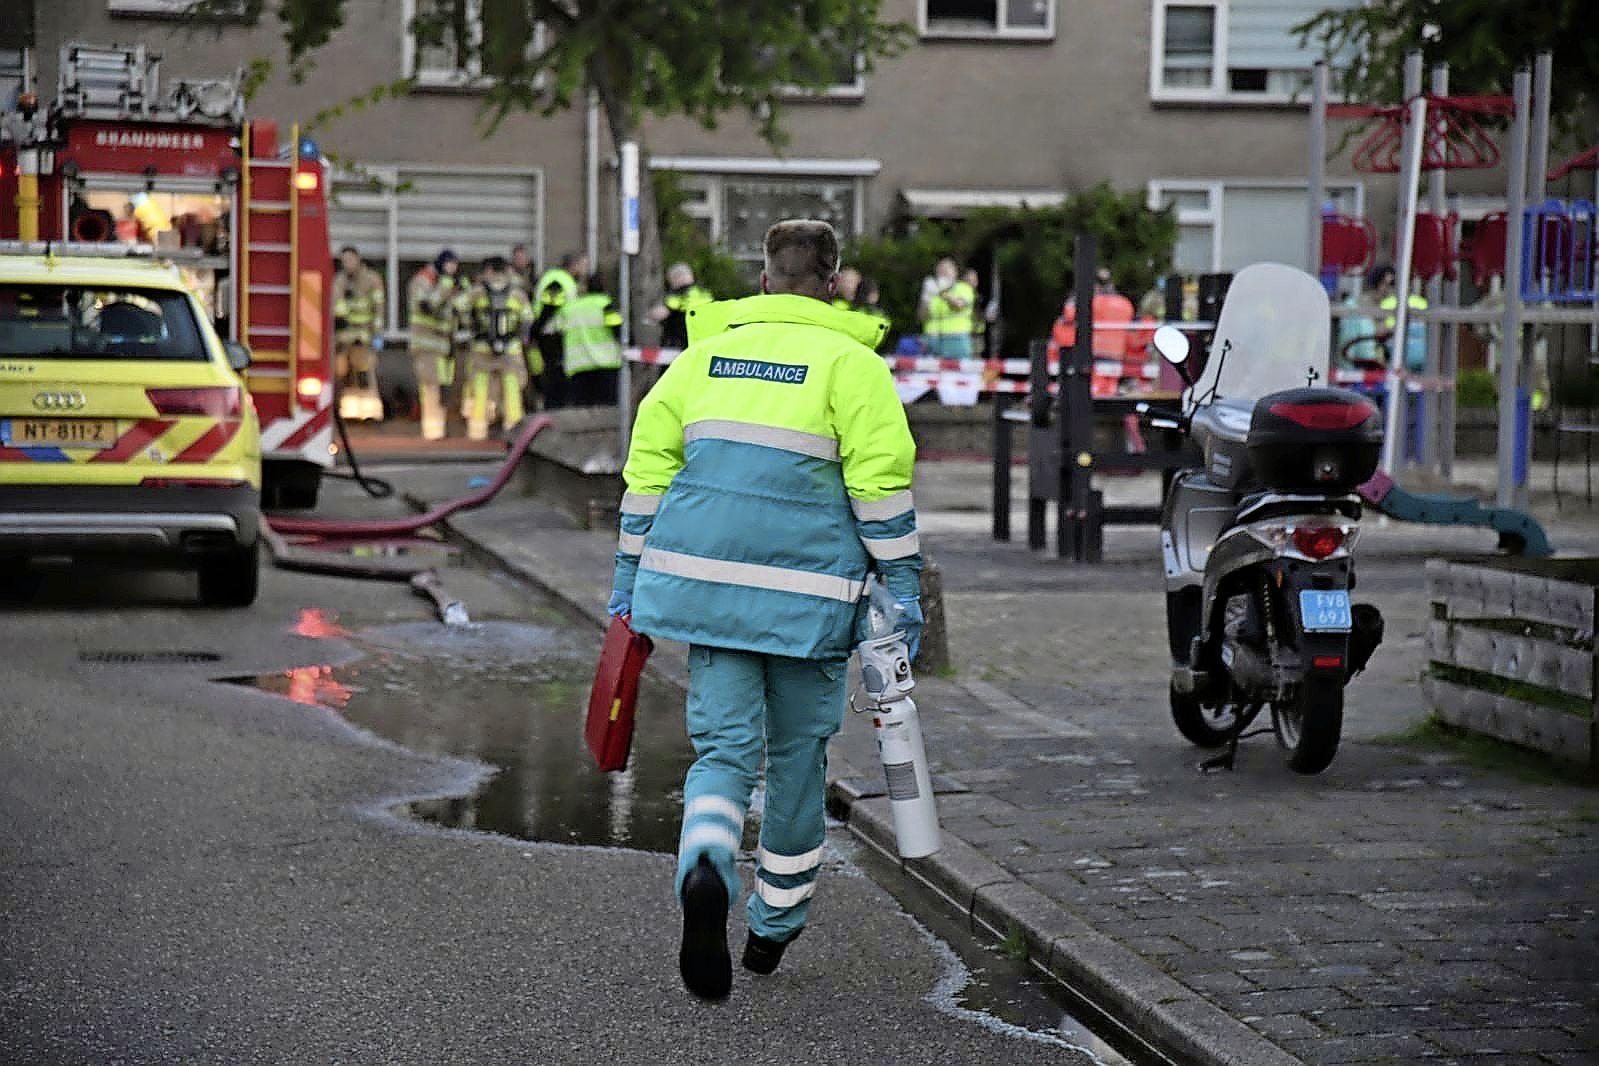 Vrouw (48) overleden bij woningbrand in Hilversum, politie doet onderzoek naar mogelijk misdrijf